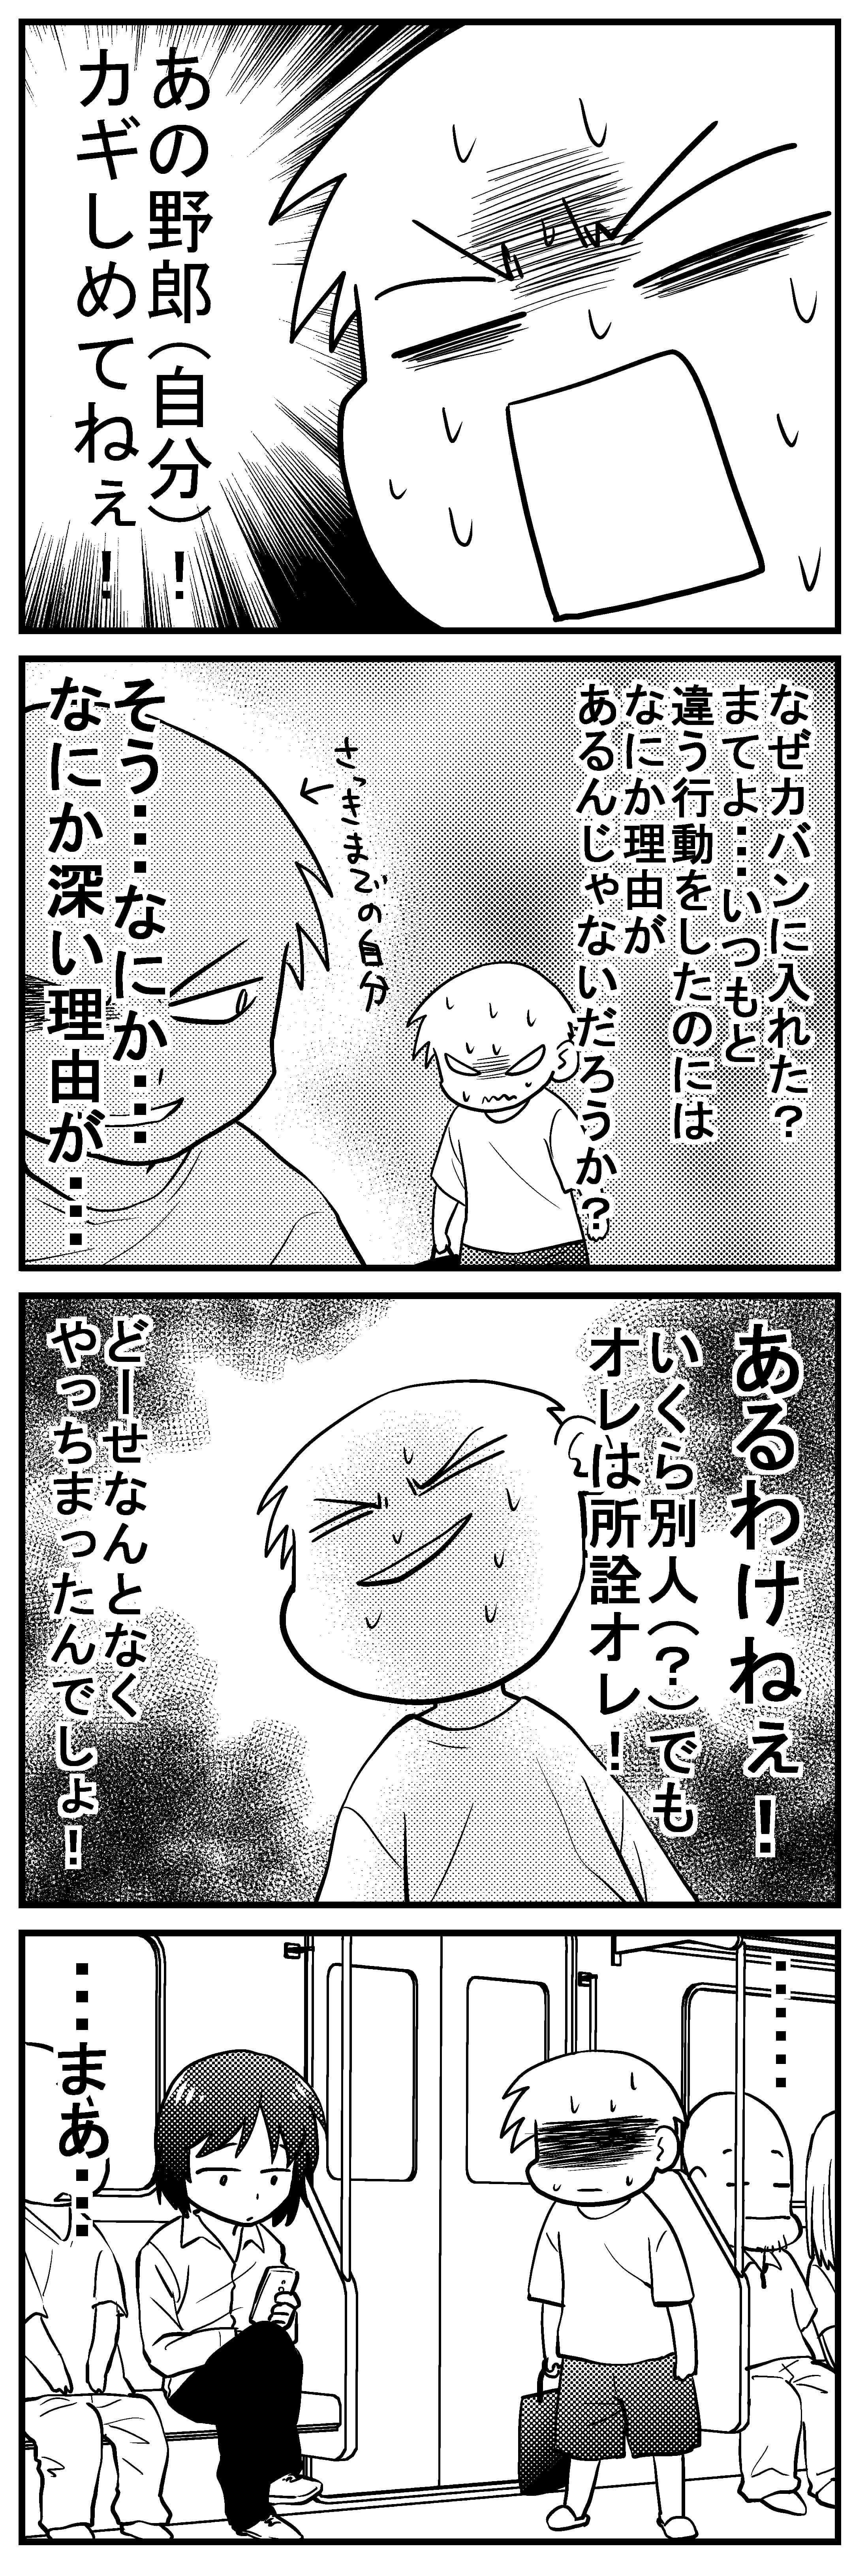 深読みくん19 3